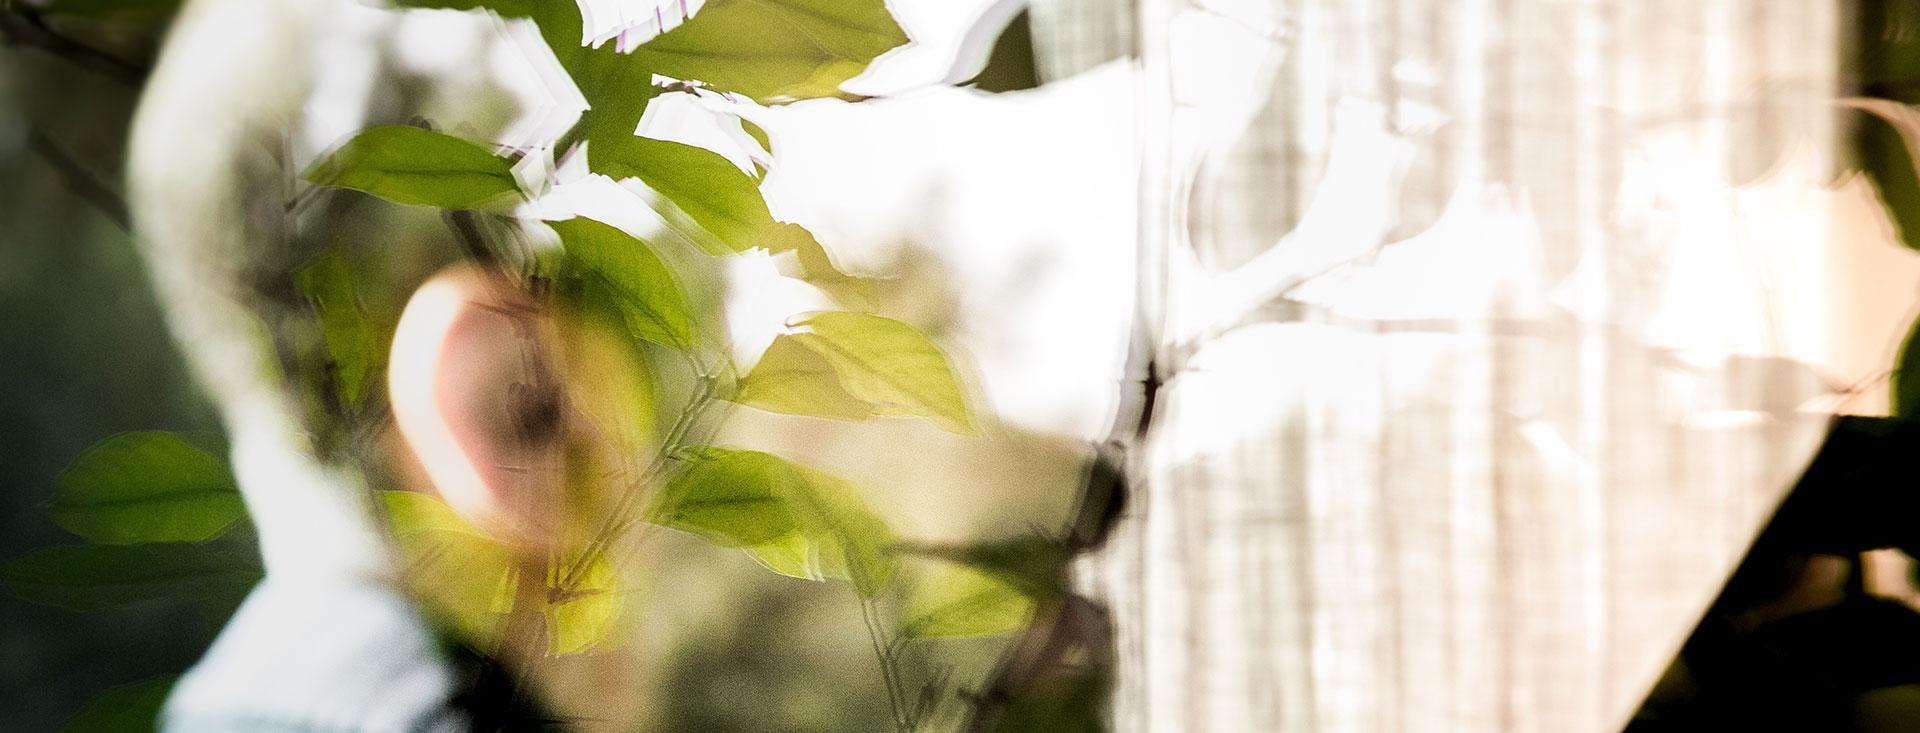 Yakir Arbib immagine astratta con piante